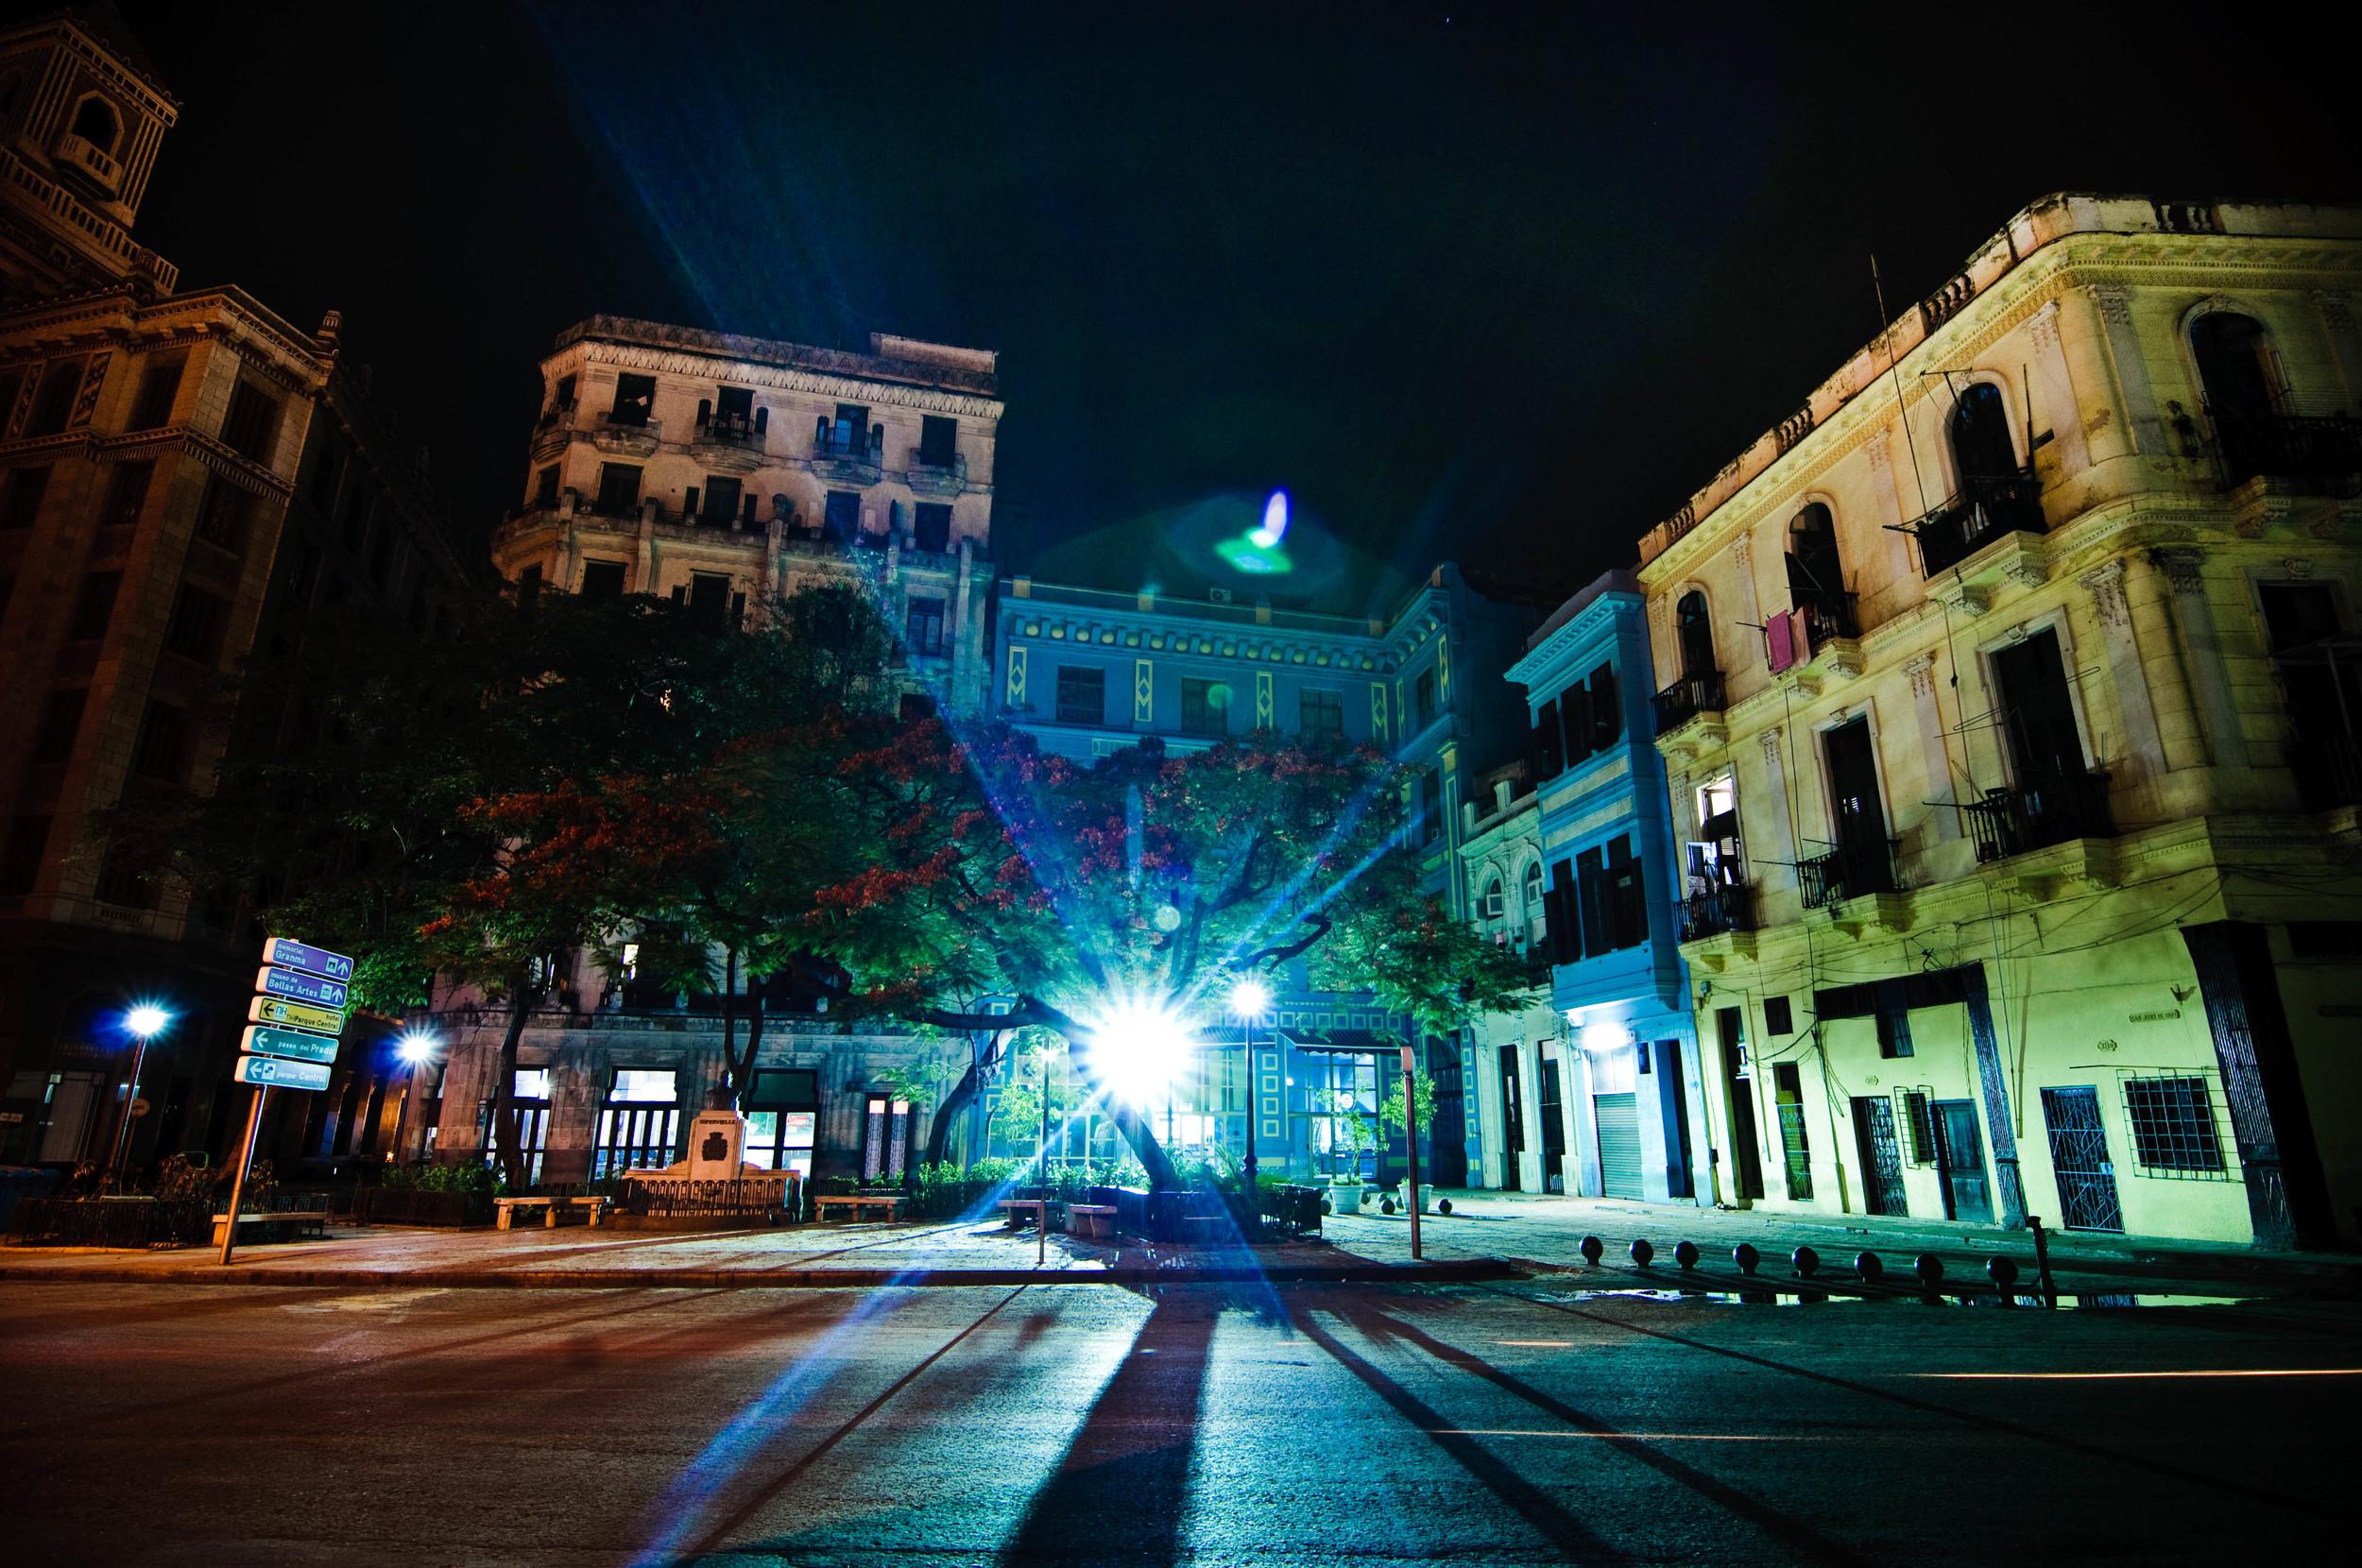 EW_Cuba_06142010_5_8123.jpg